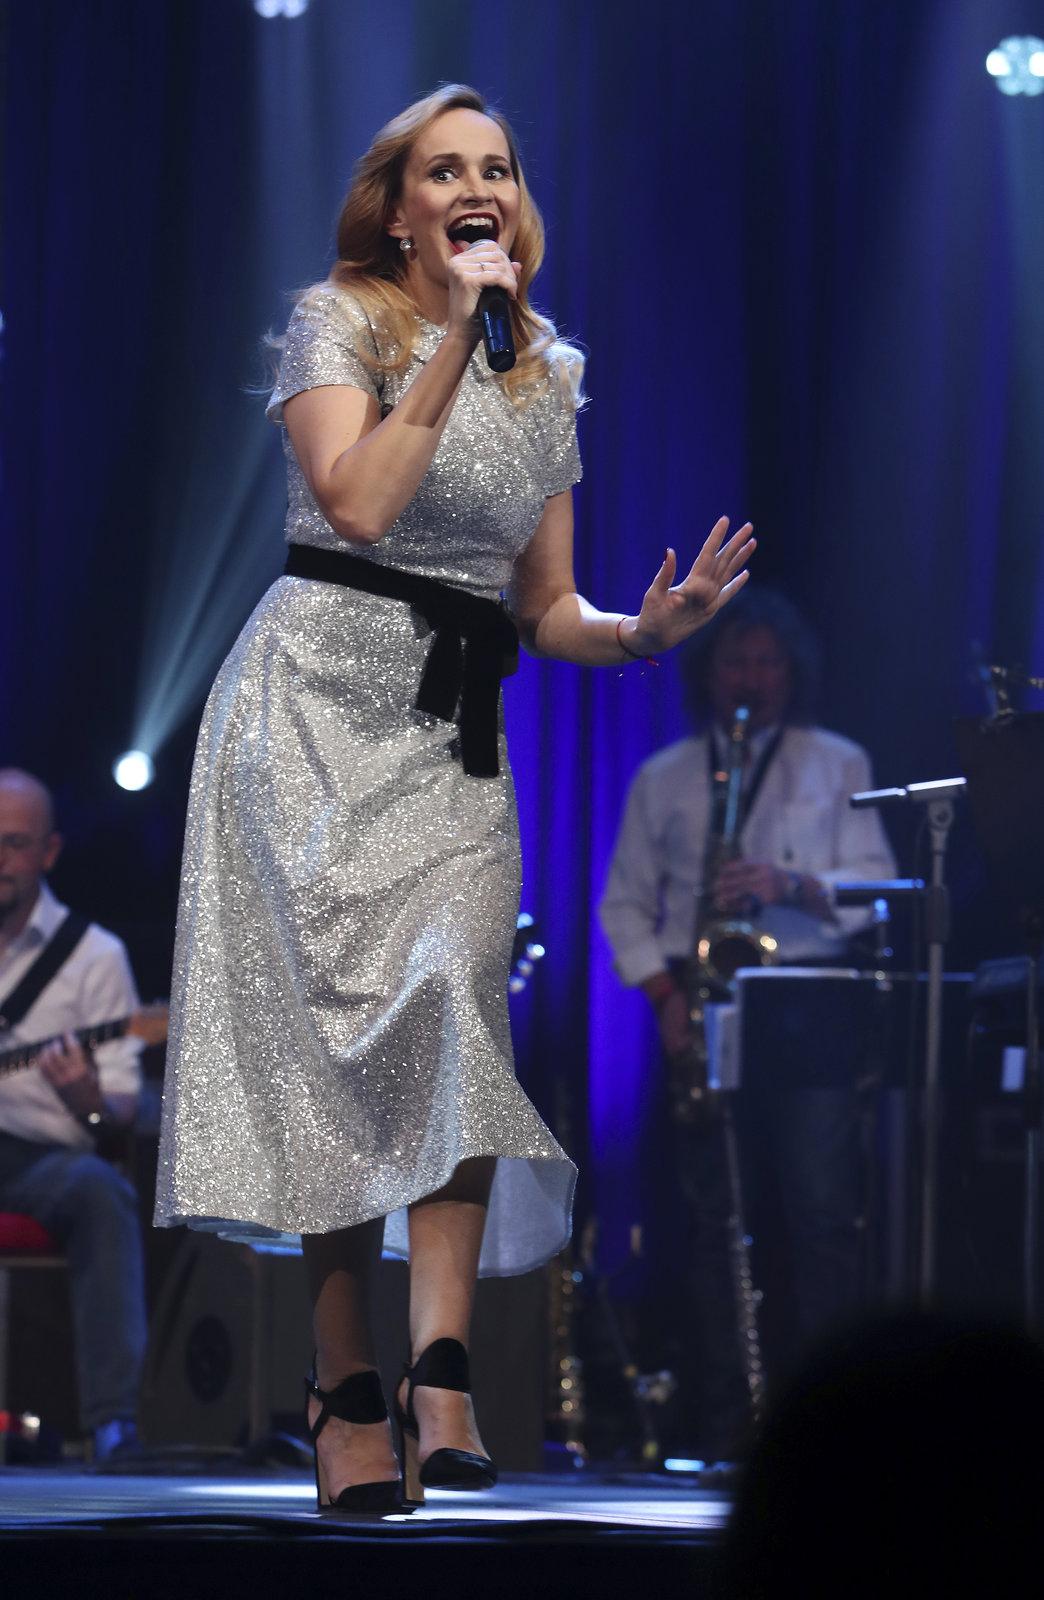 Atmosféra plná emocí dohnala zpěvačku až k slzám!